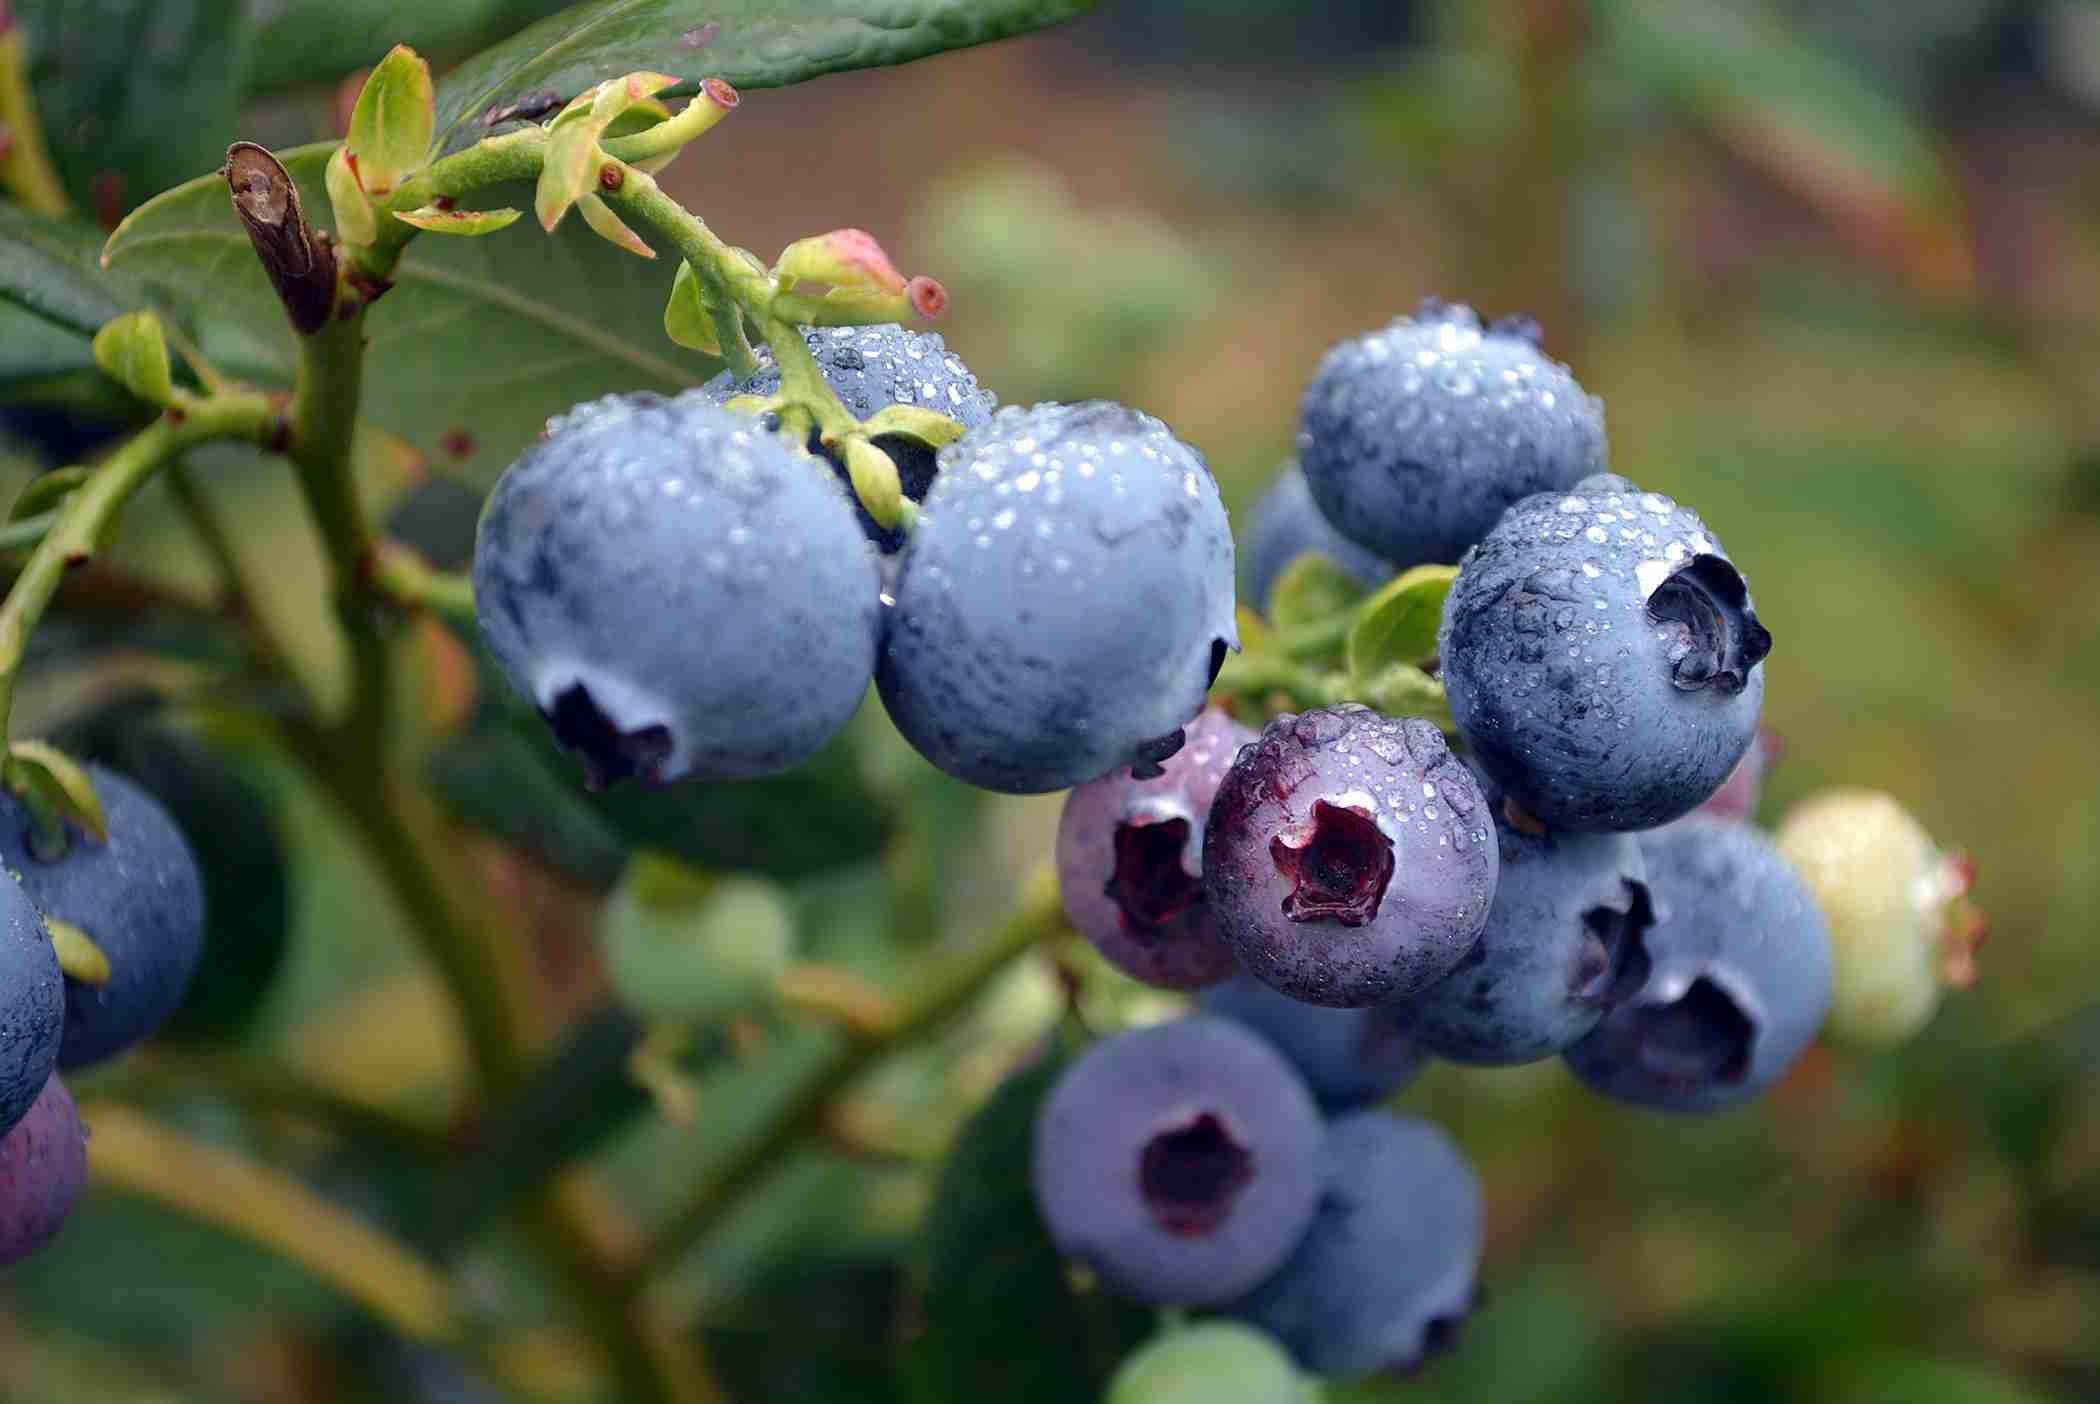 Az egyetlen gyümölcs, amiből mindennap! érdemes enned